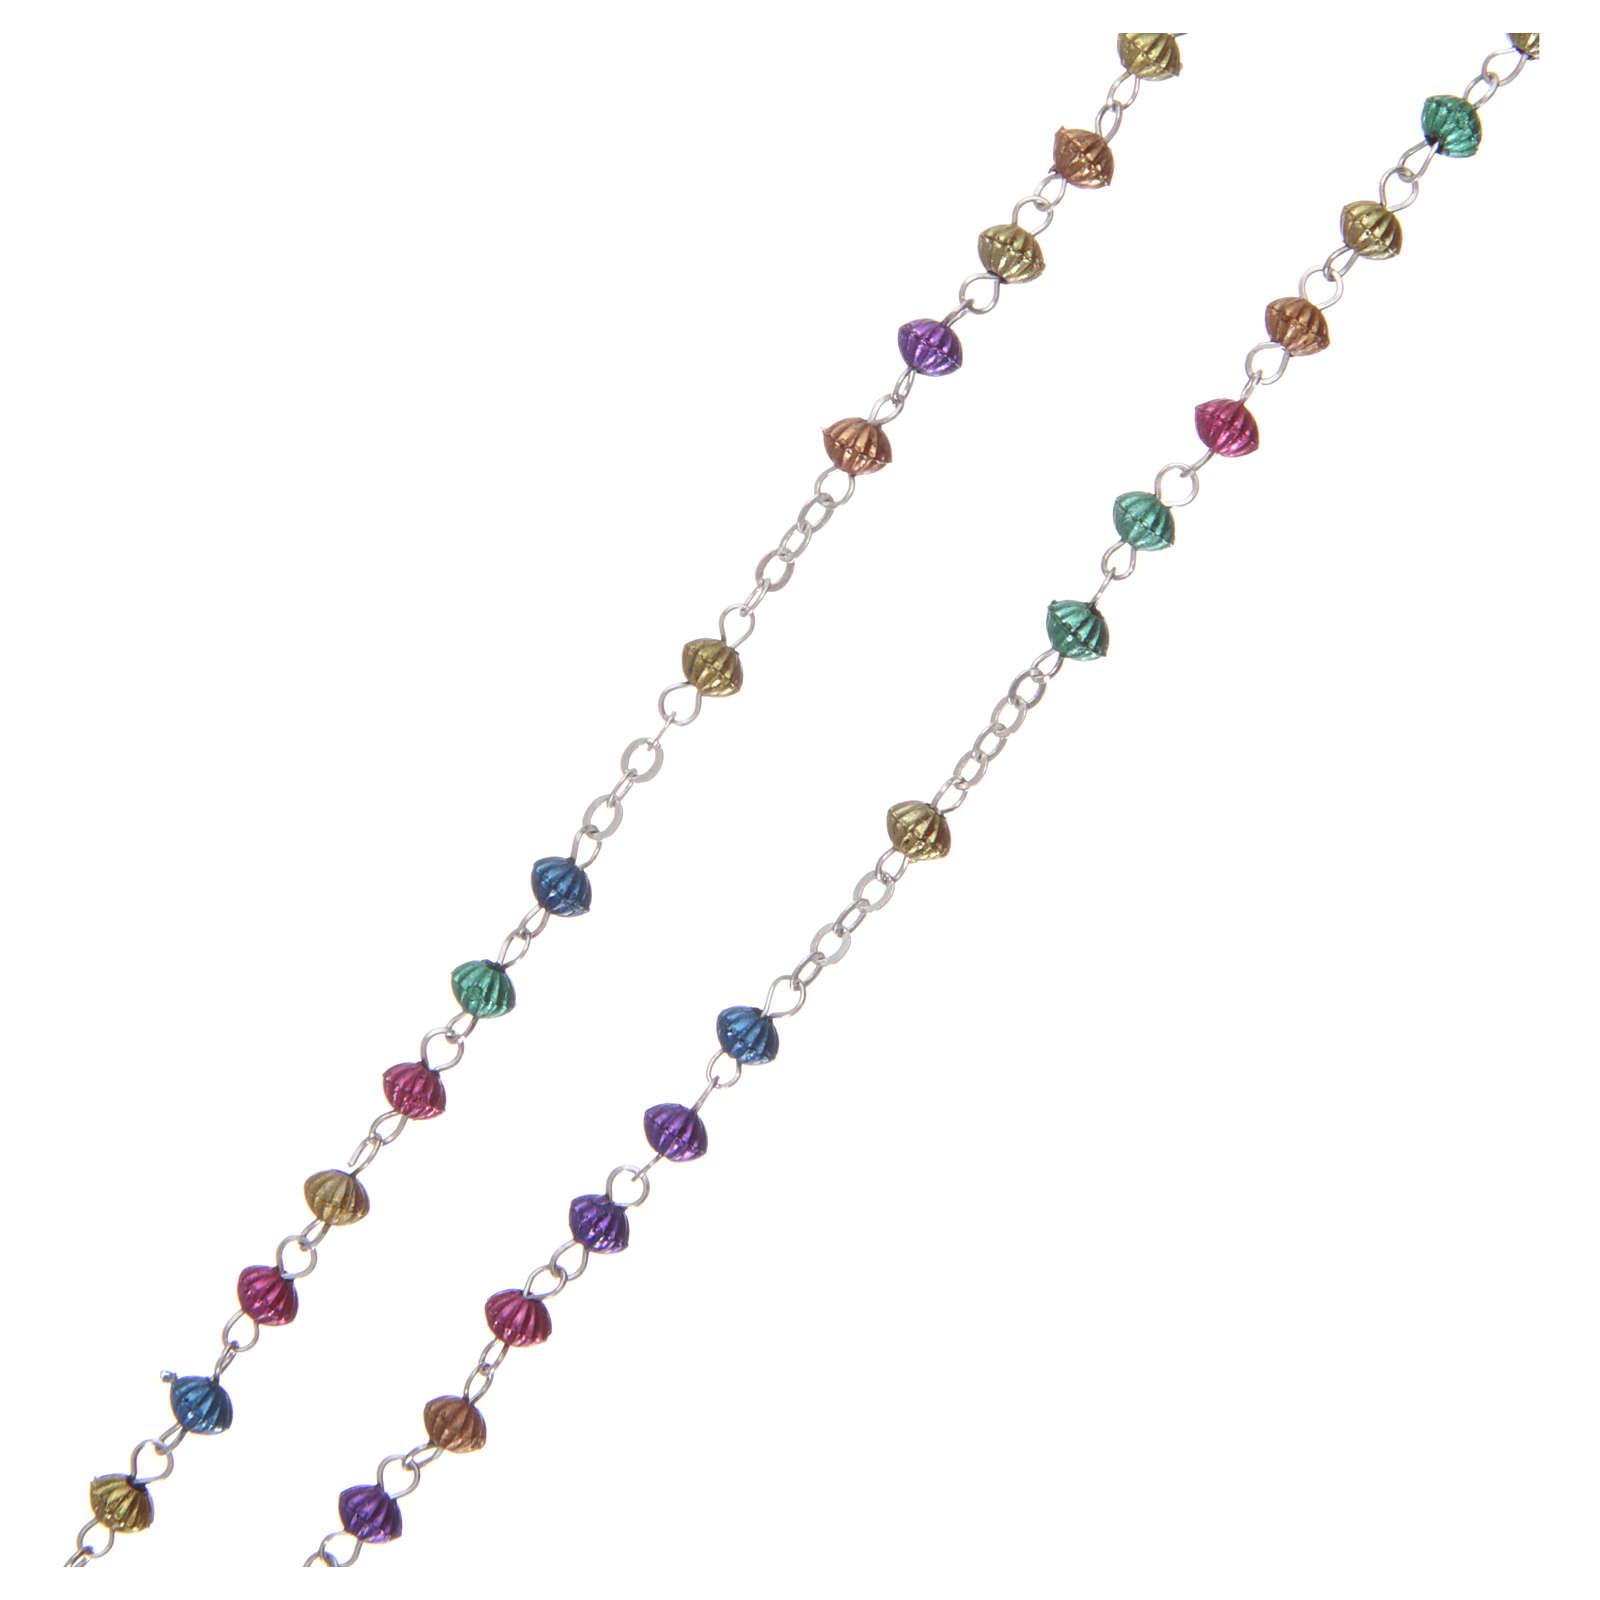 Rosario metal multicolor 2 mm 4